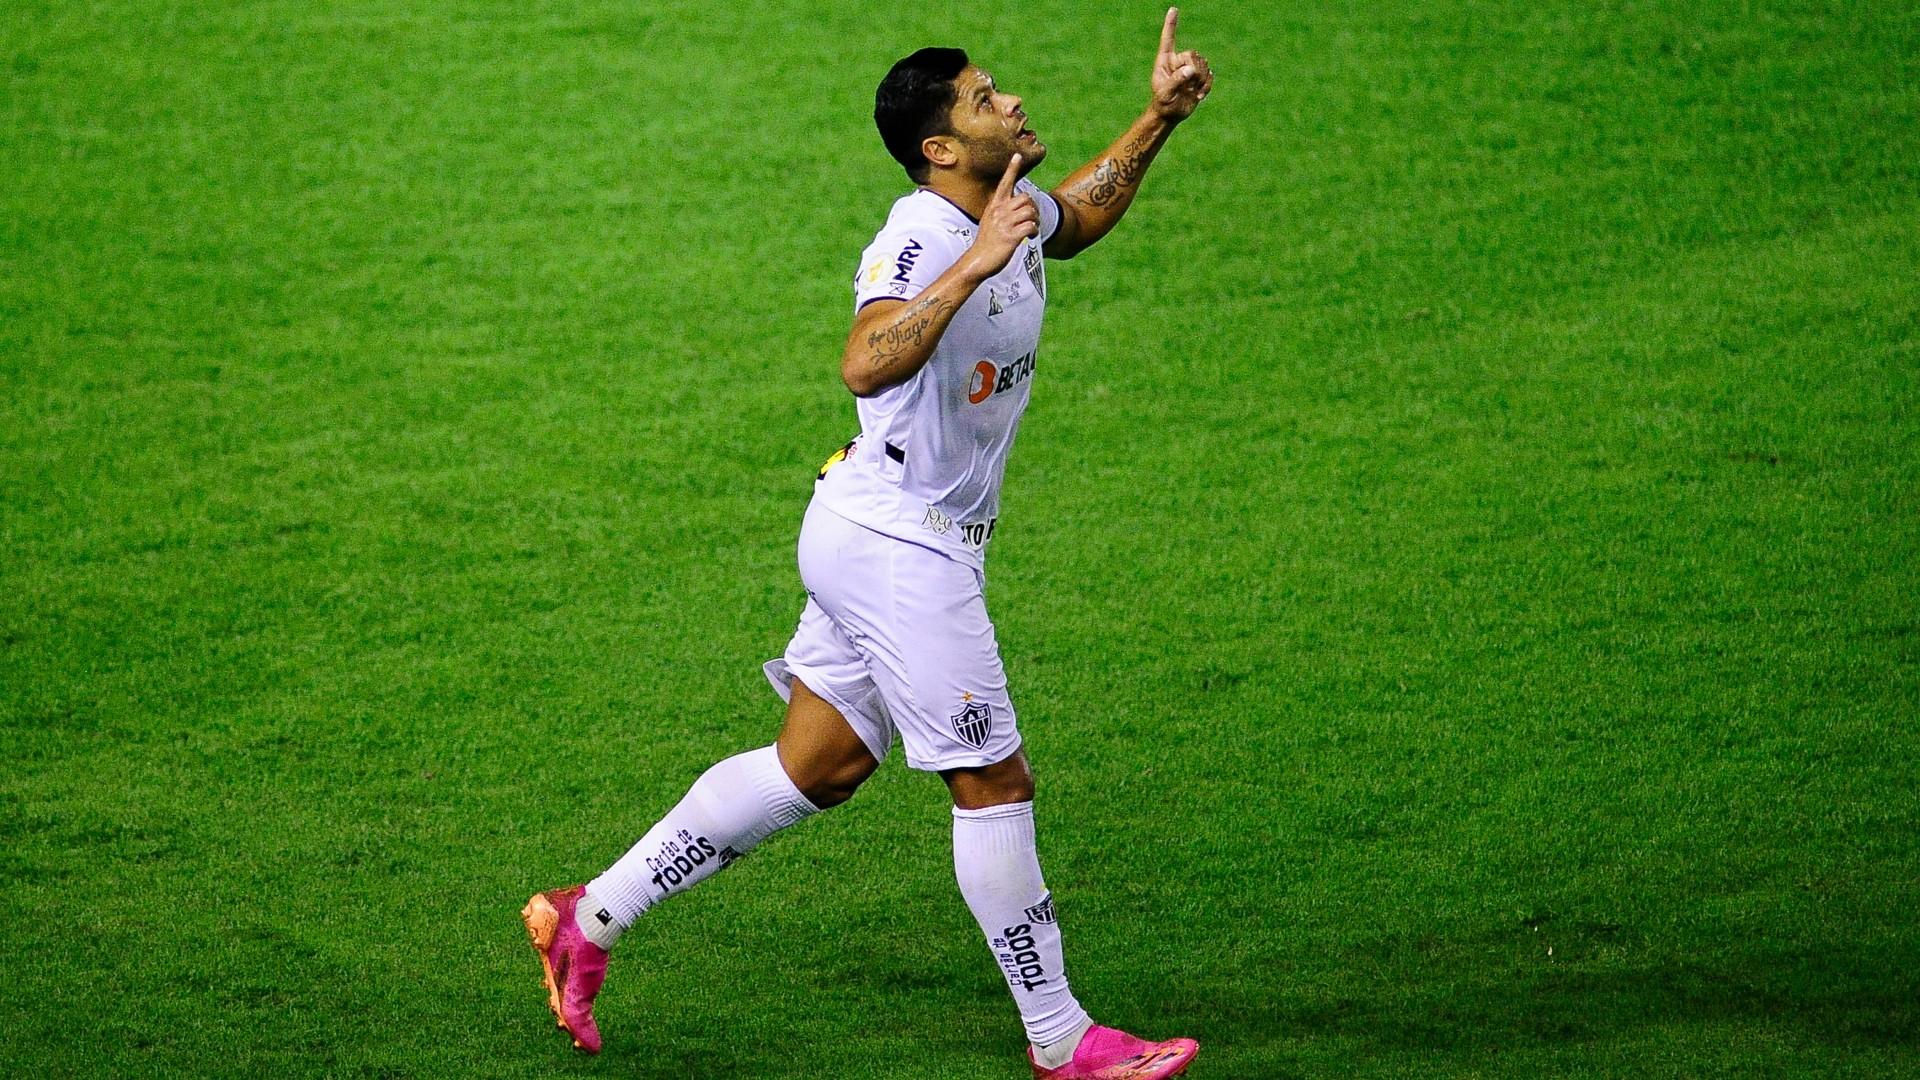 Hulk marcou o gol da vitória do Galo neste domingo (6)